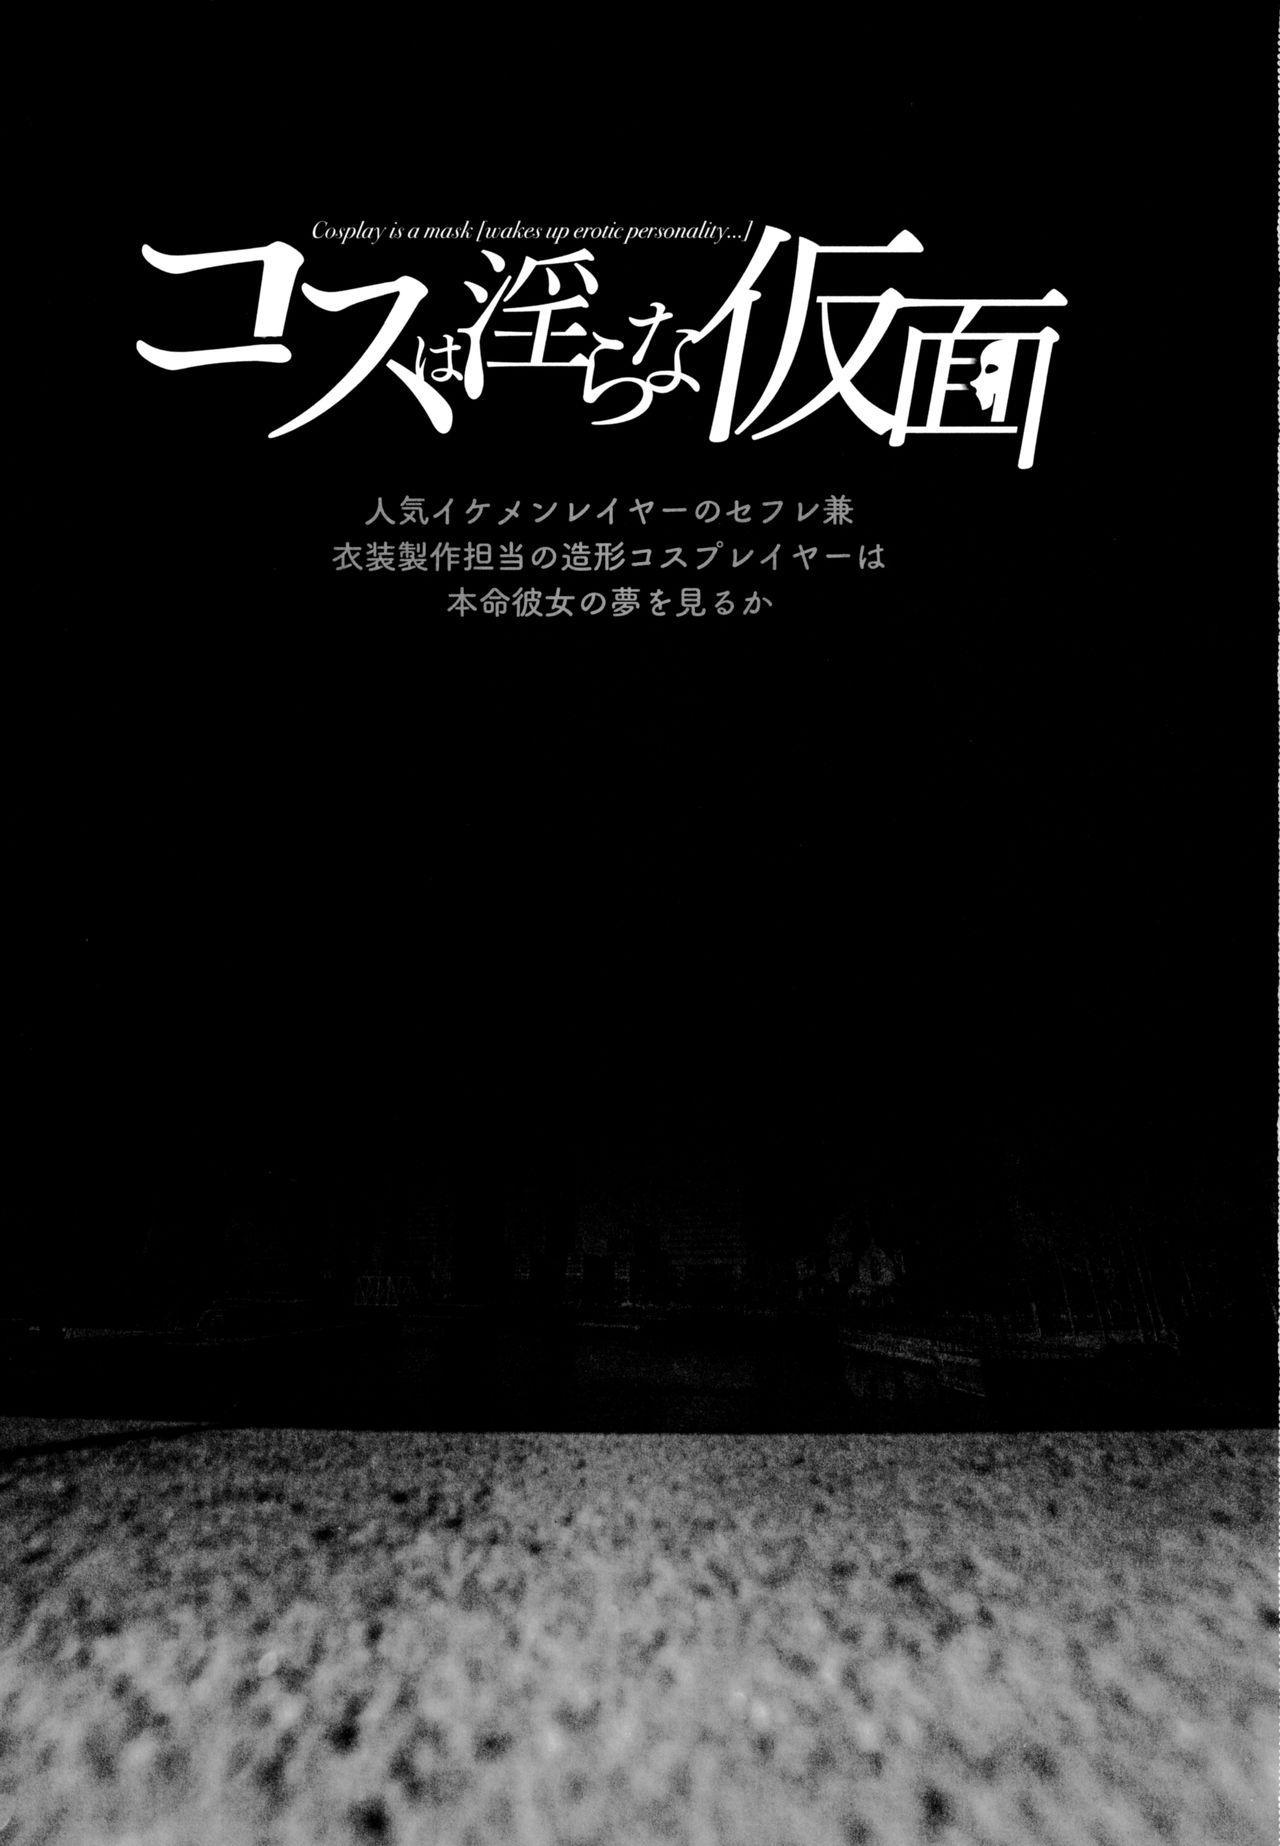 Cos wa Midara na Kamen Ninki Ikemen Layer no SeFri Ken Ishou Seisaku Tantou no Zoukei Layer wa Honmei Kanojo no Yume o Miru ka 1